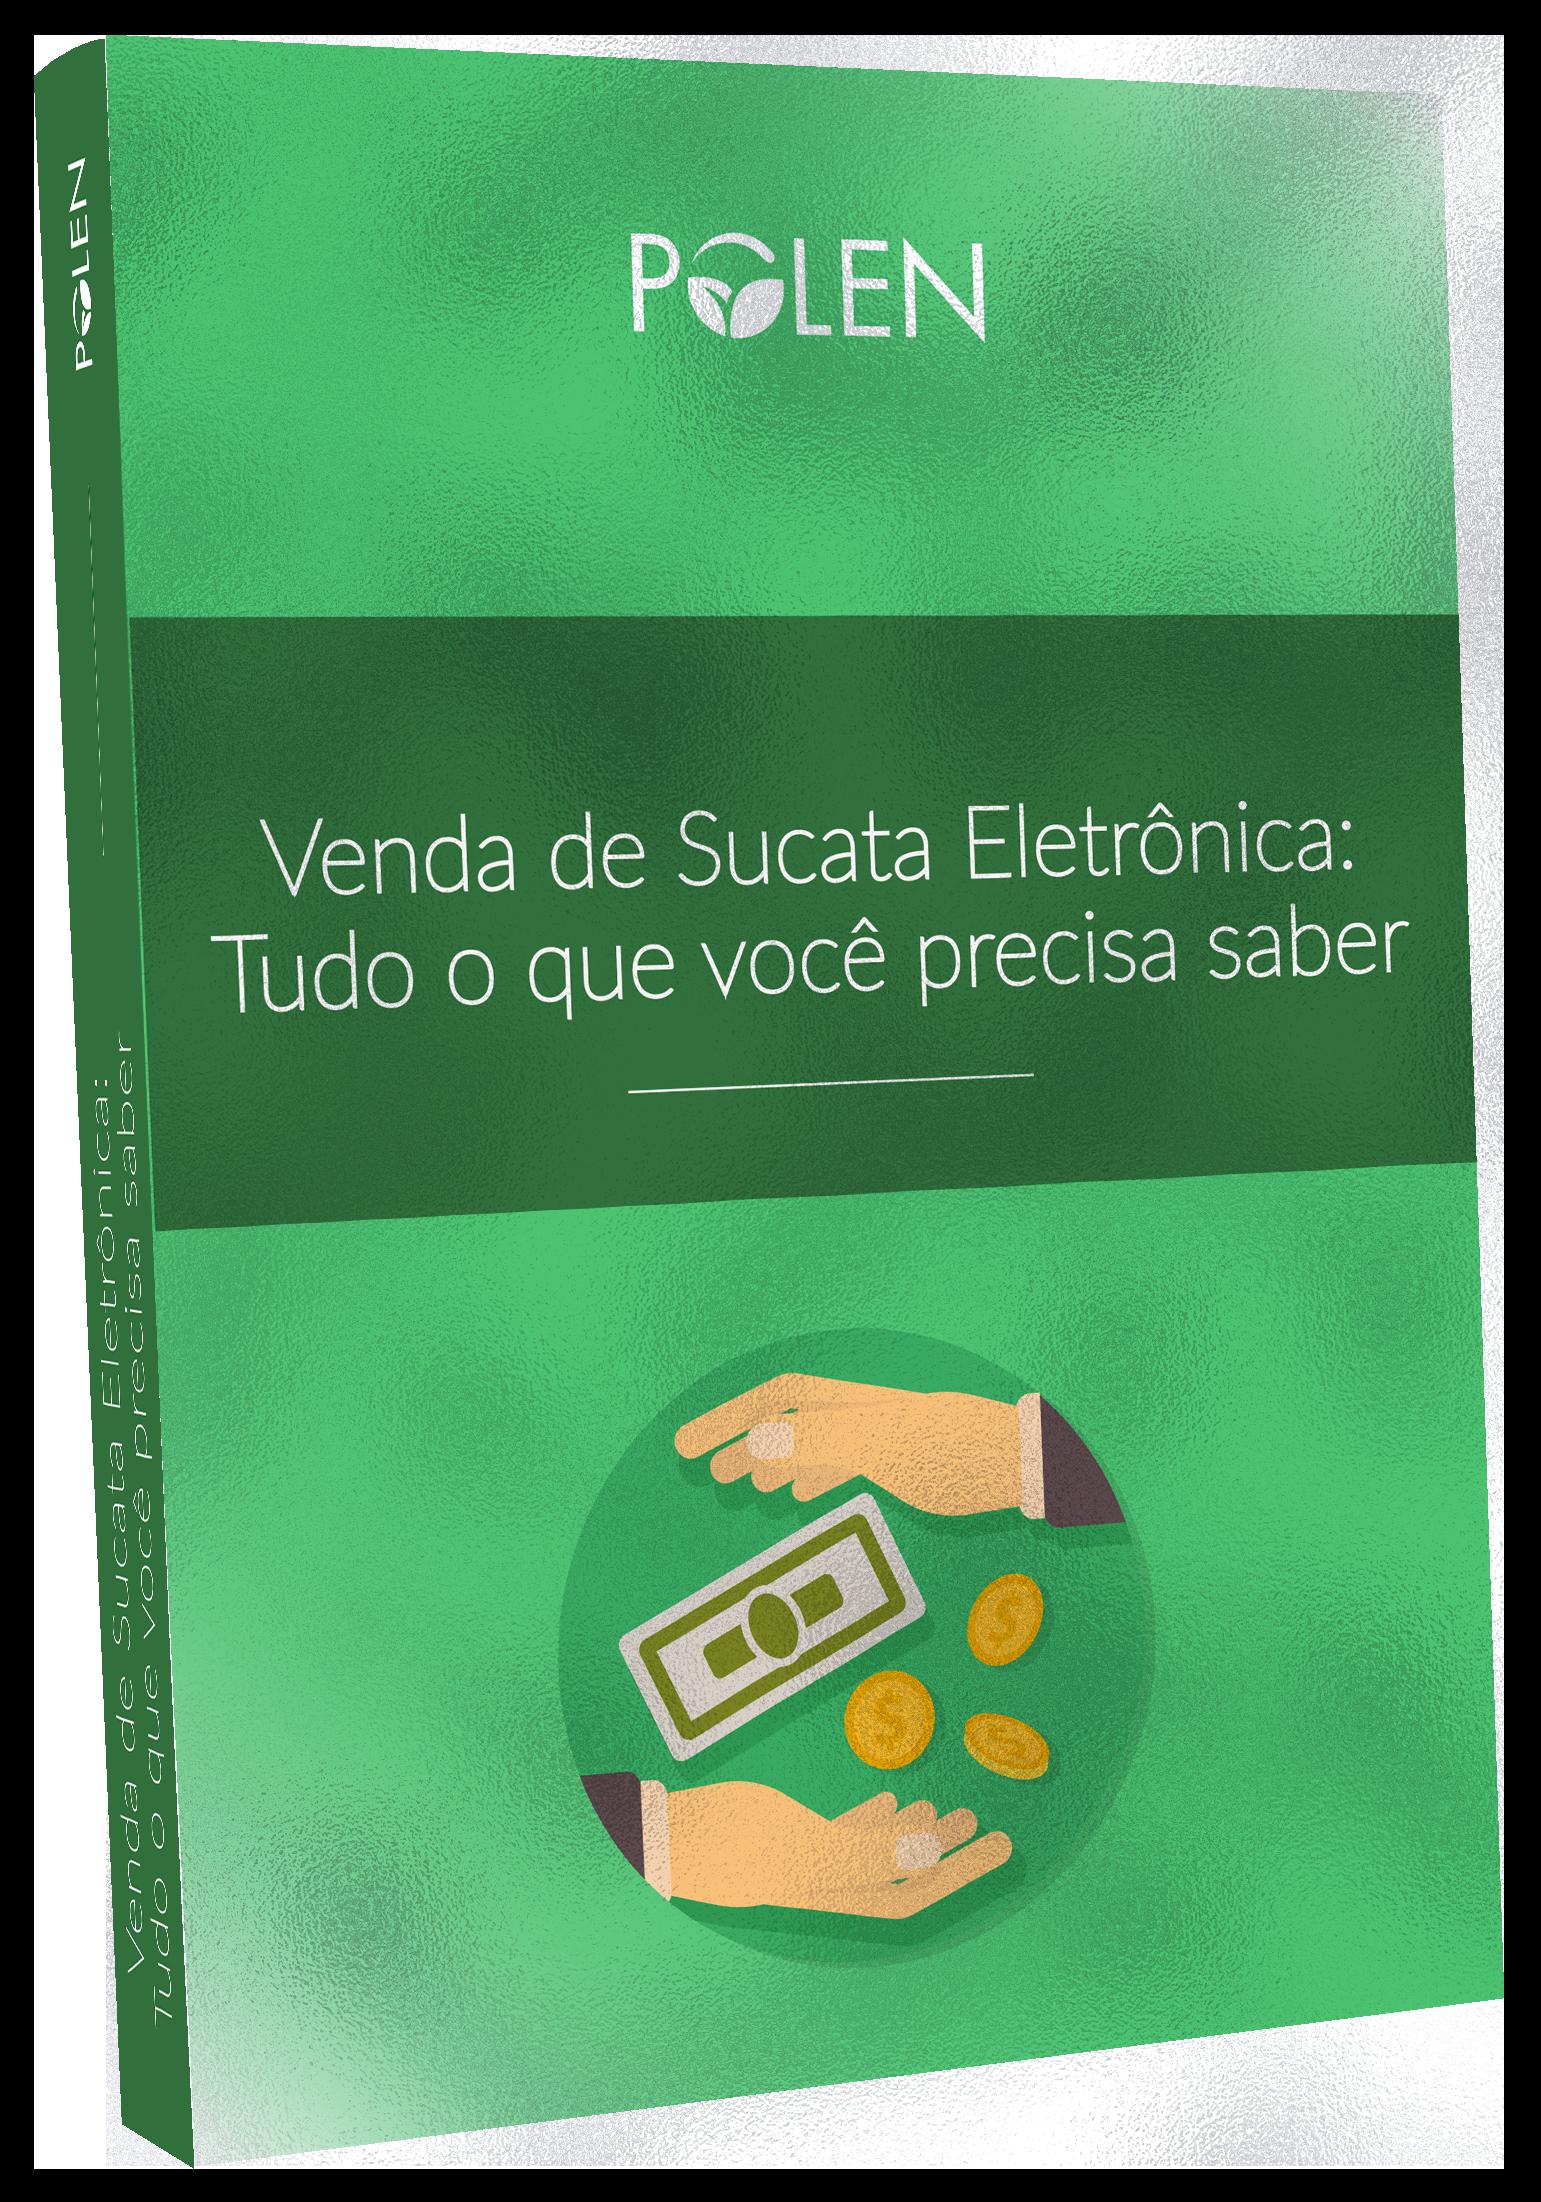 Livro _Venda de Sucata Eletrônica-Tudo o que você precisa saber_-1